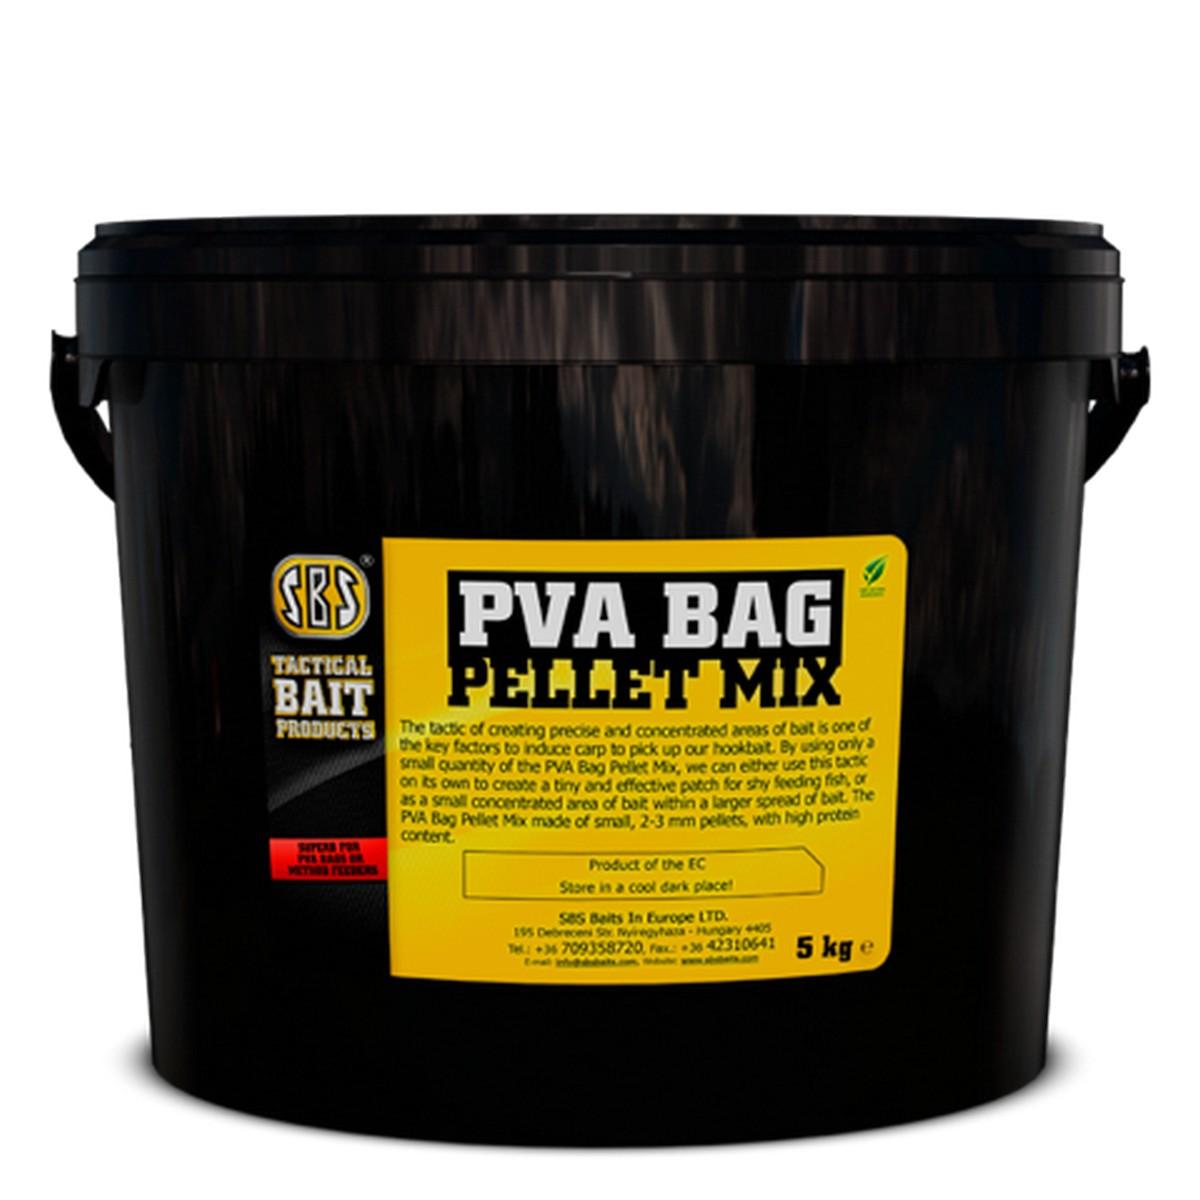 SBS PVA BAG PELLET MIX 5KG HALAS